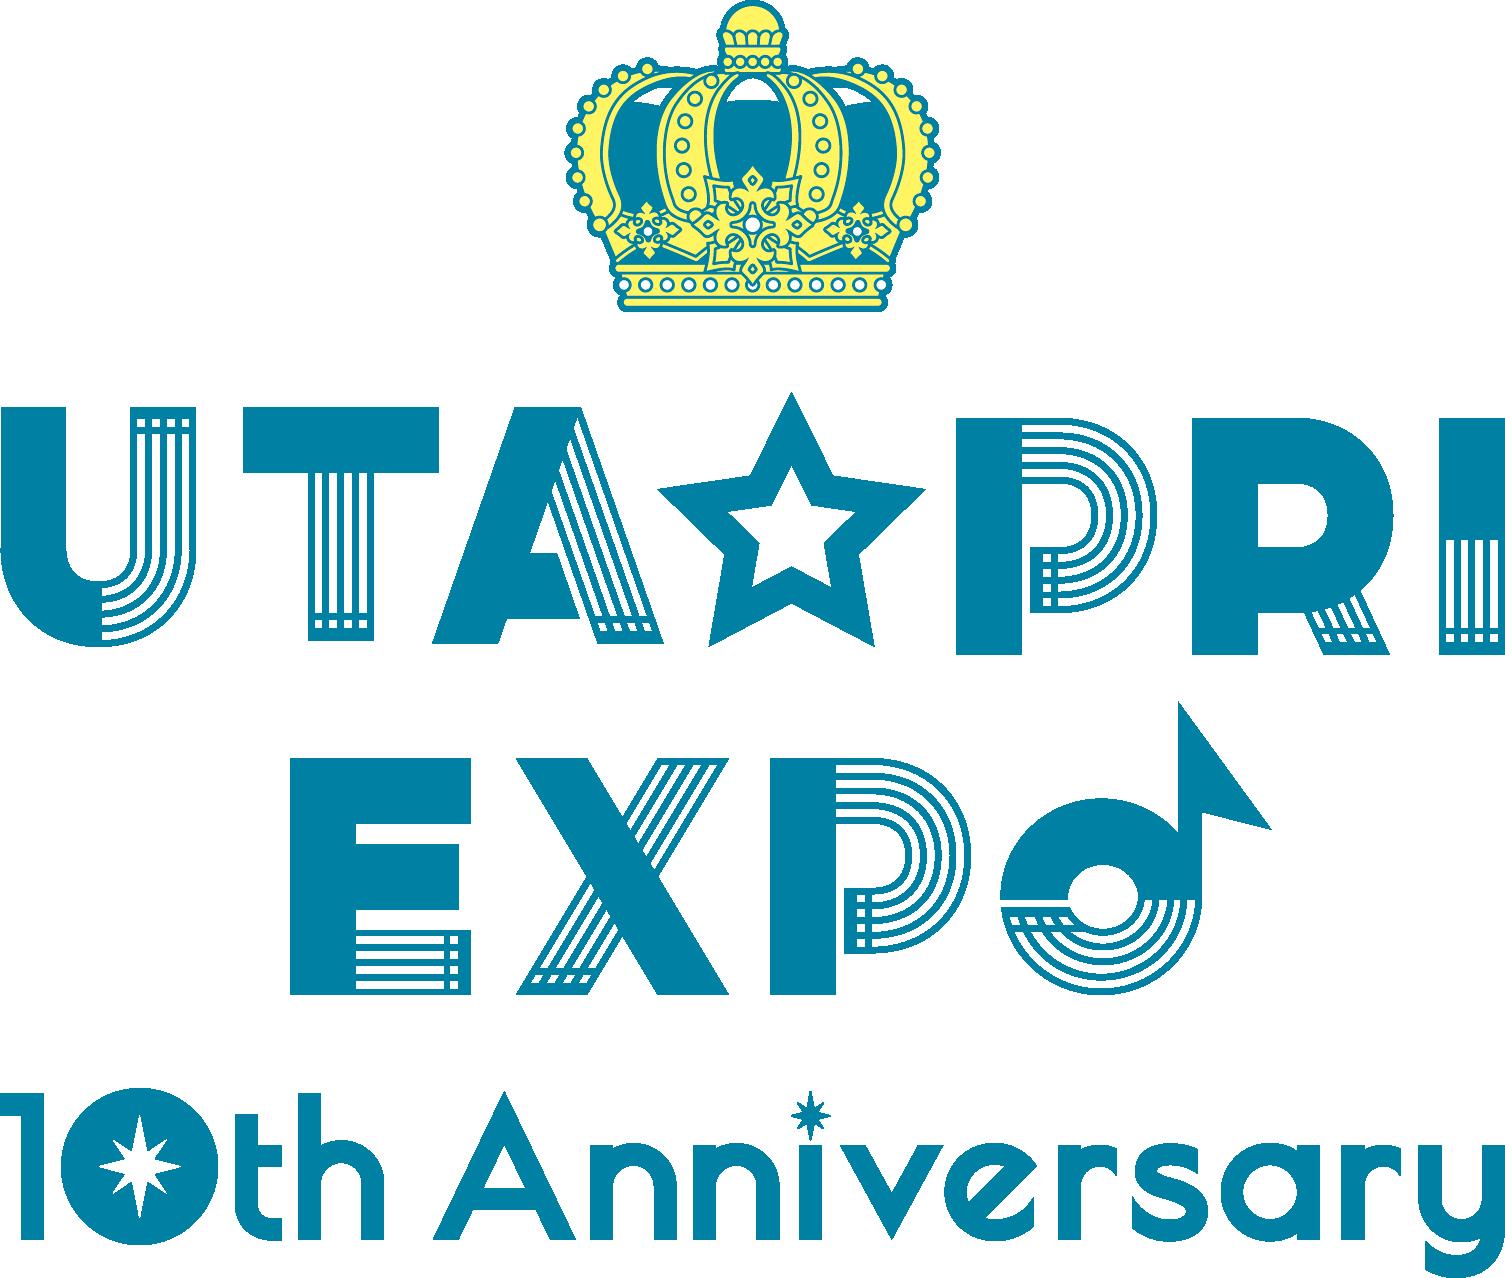 「うたプリ」10周年記念の展示イベント開催決定!衣装展示やグッズの販売&VR展も配信開始